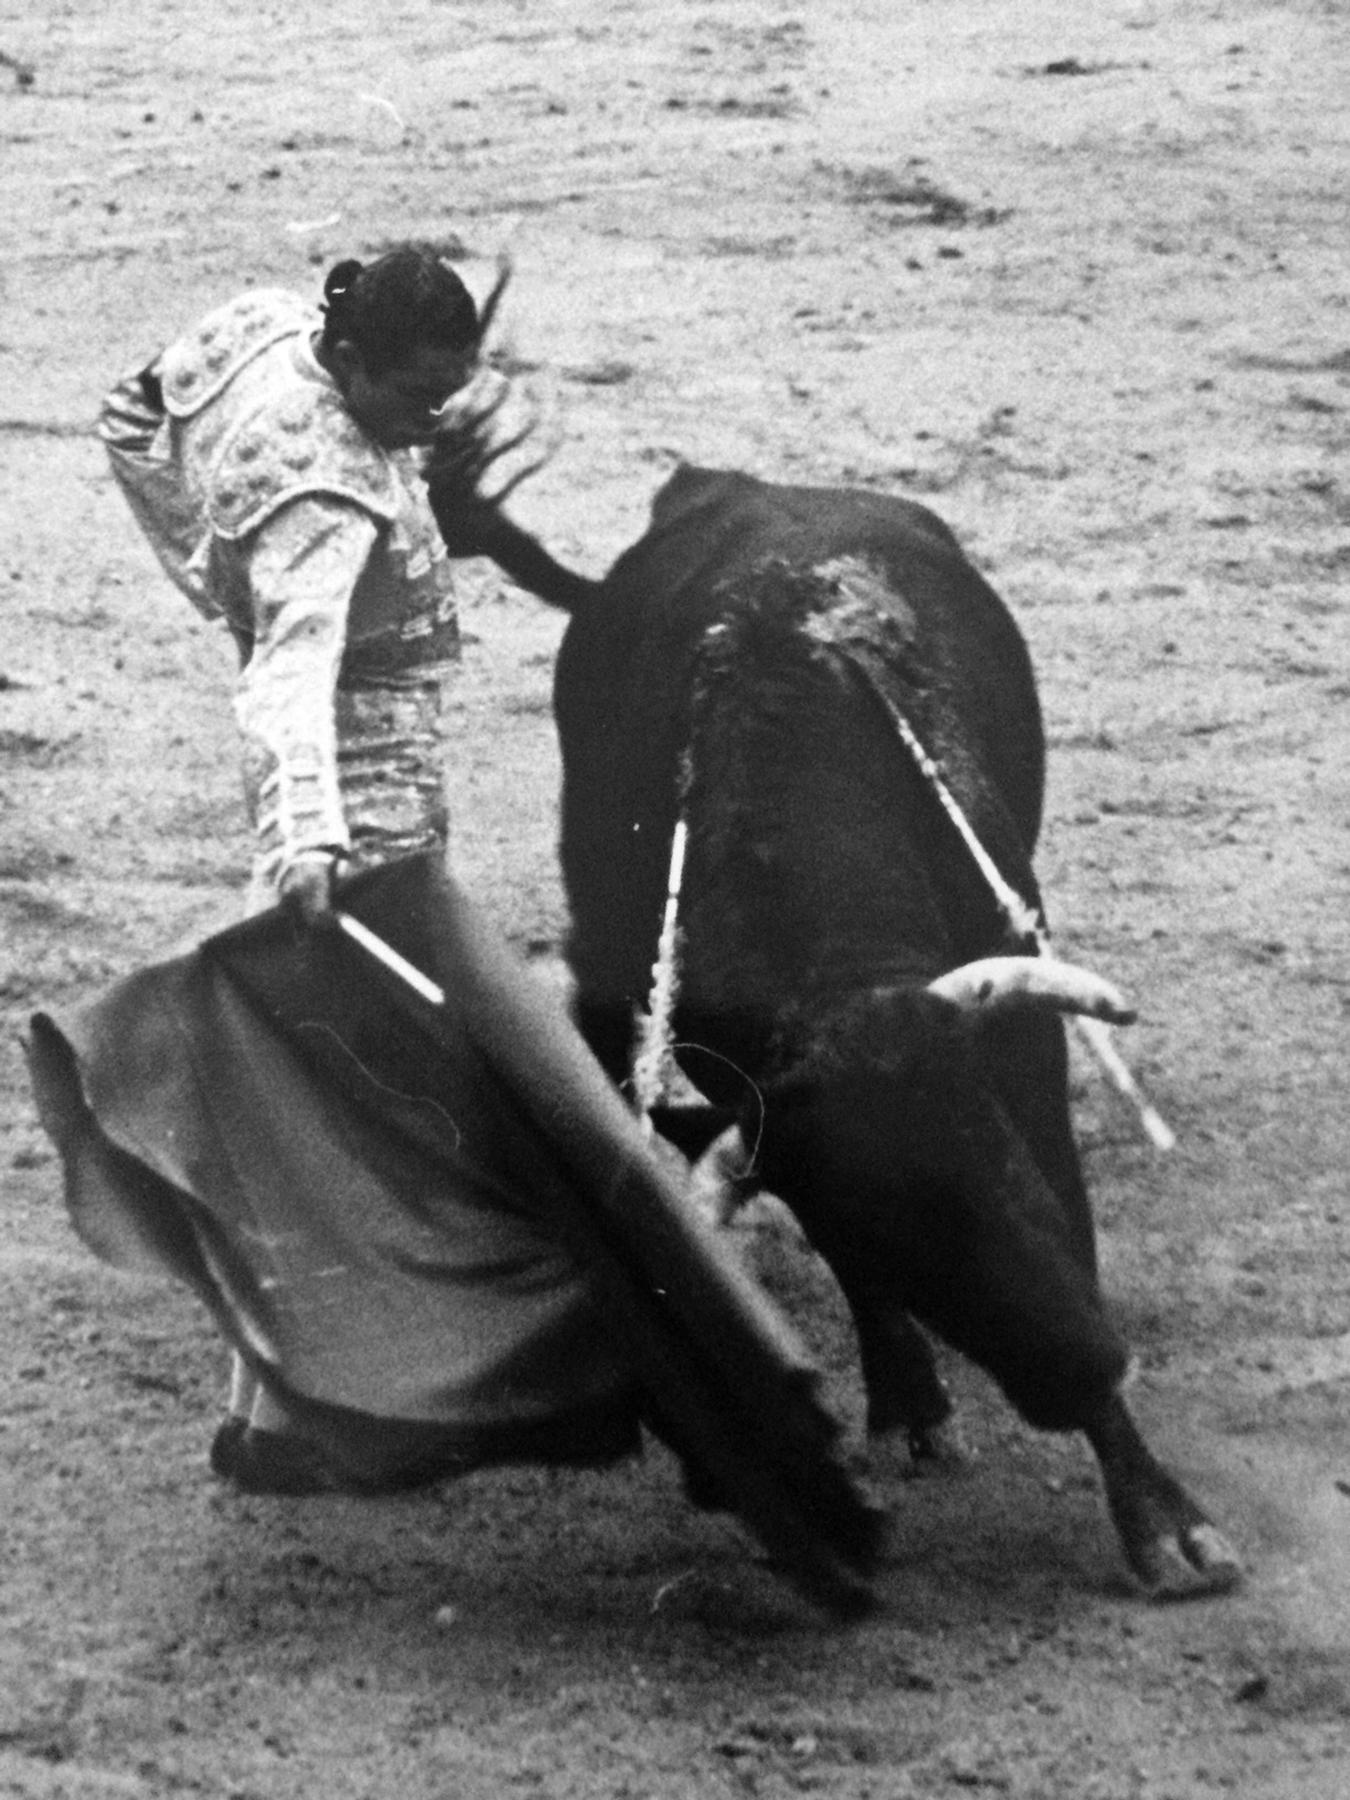 Matador and bull 1